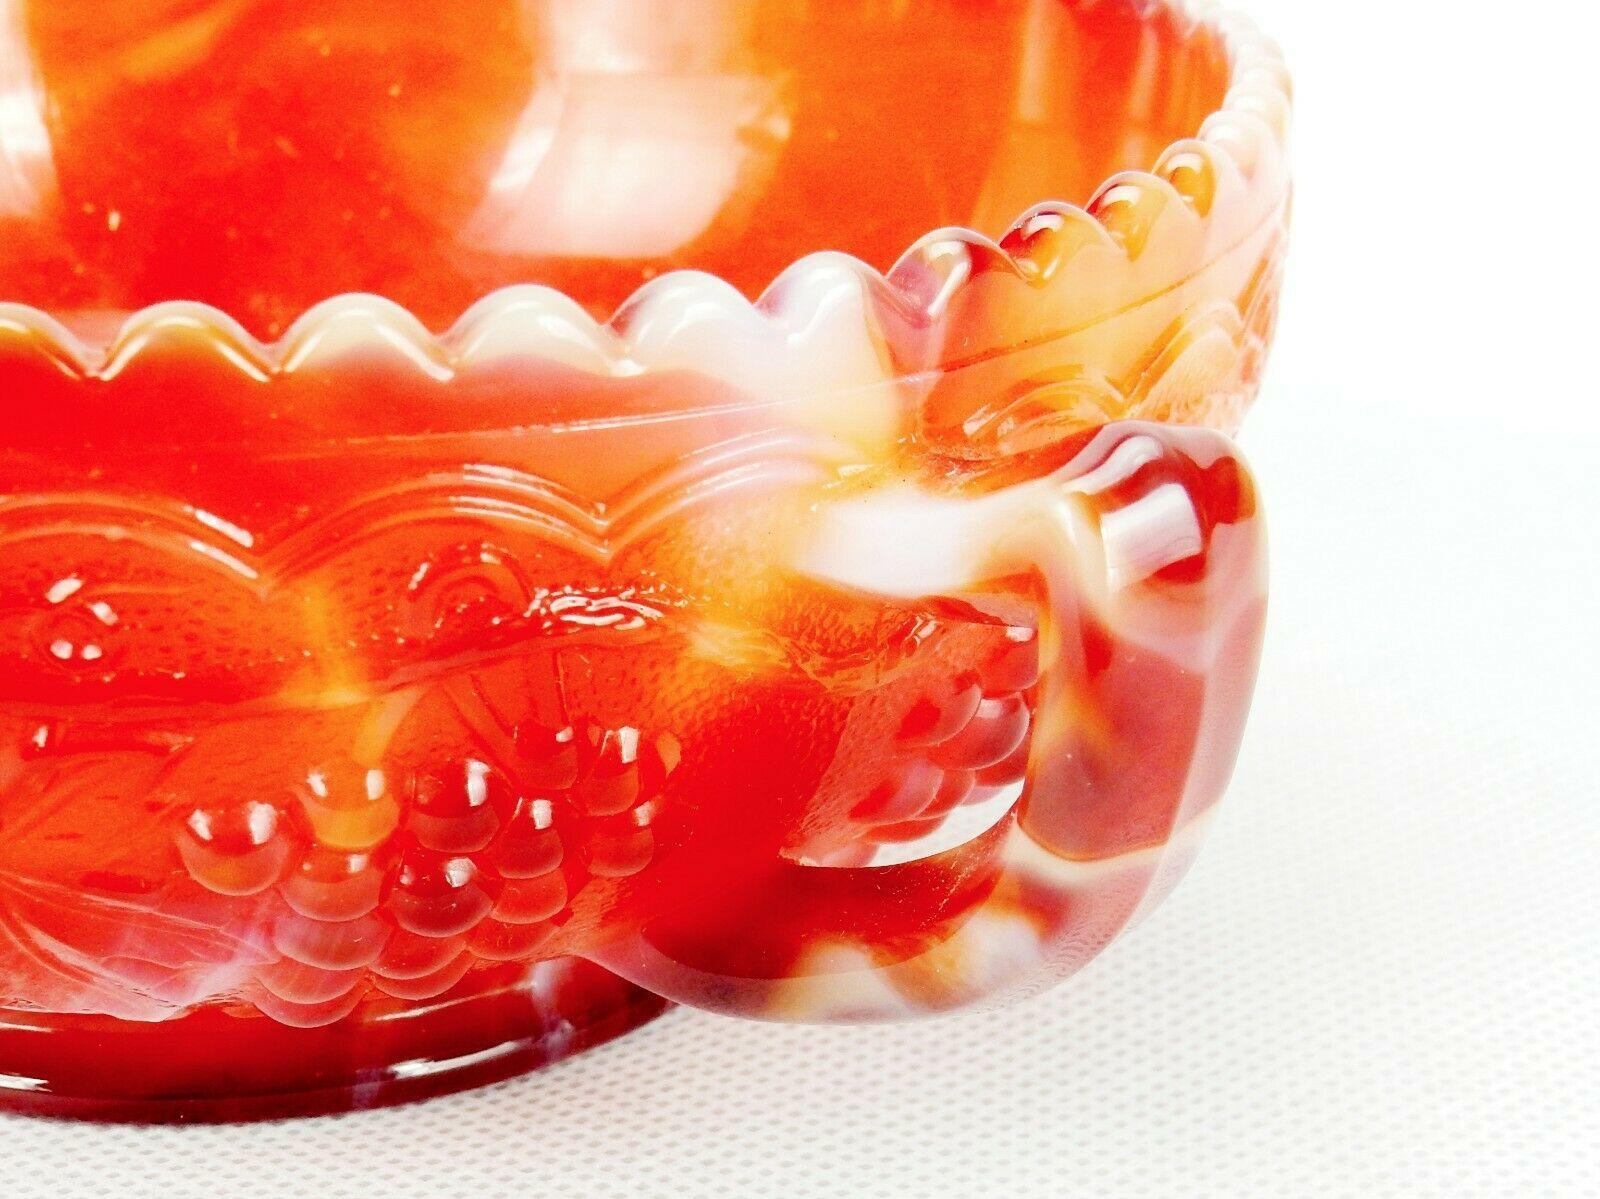 Imperial Slag Glass Single Handled Bowl, Red Orange & White Grape Design